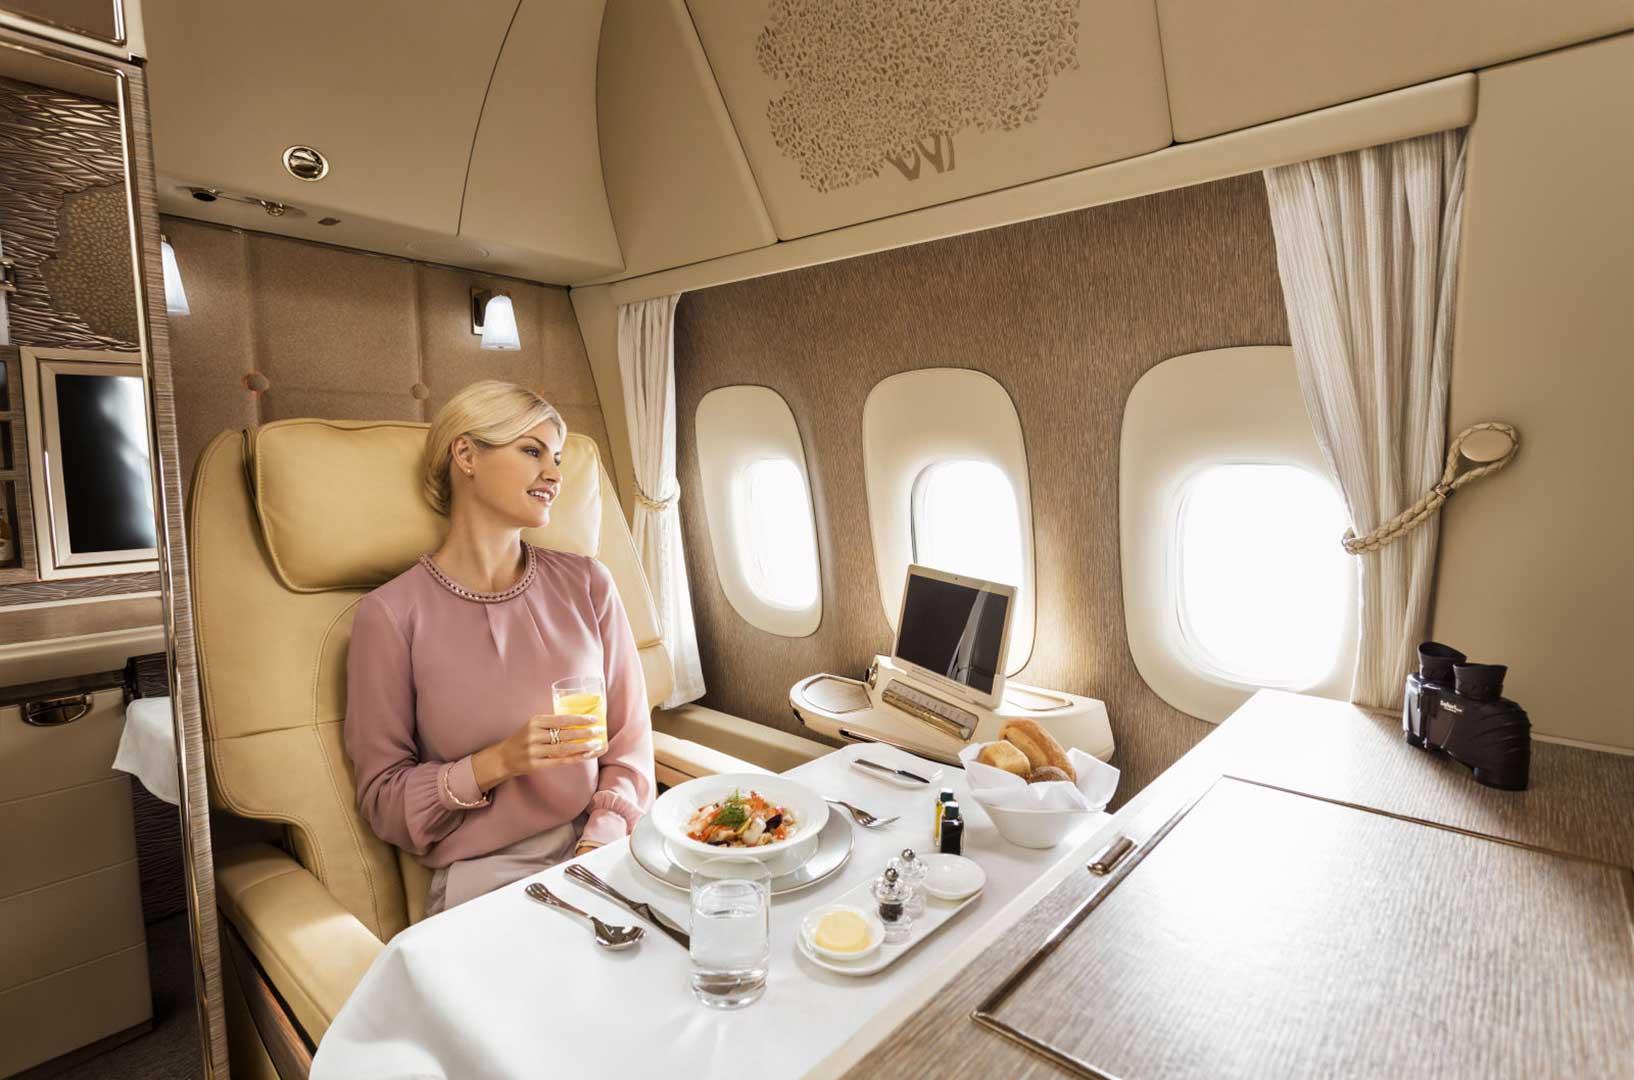 فرست کلاس پروازهای امارات در نمایشگاه هوایی امسال در شهر دبی از پروژهی خود با همکاری مرسدس بنز در ساخت کابینهای اختصاصی برای مسافران ویژه رونمایی کرد.